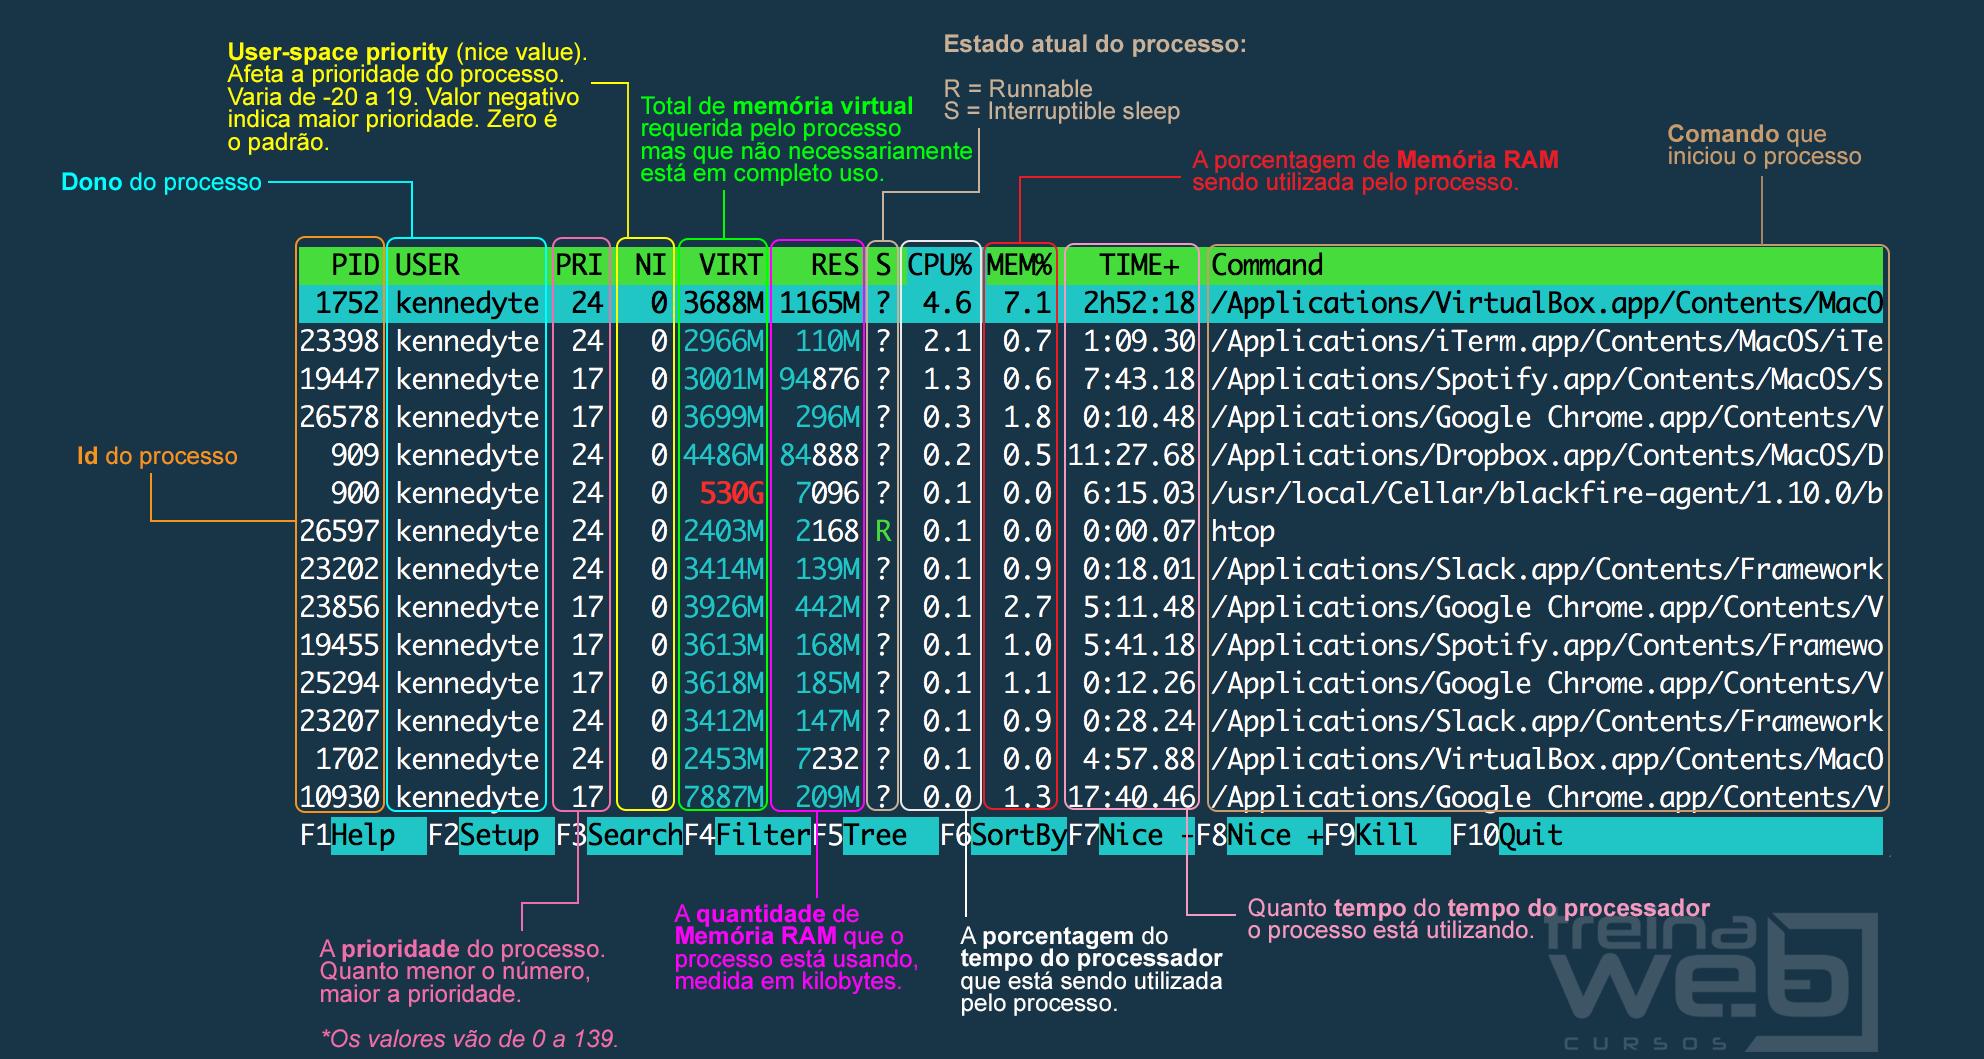 Tela do htop exibindo detalhes dos processos